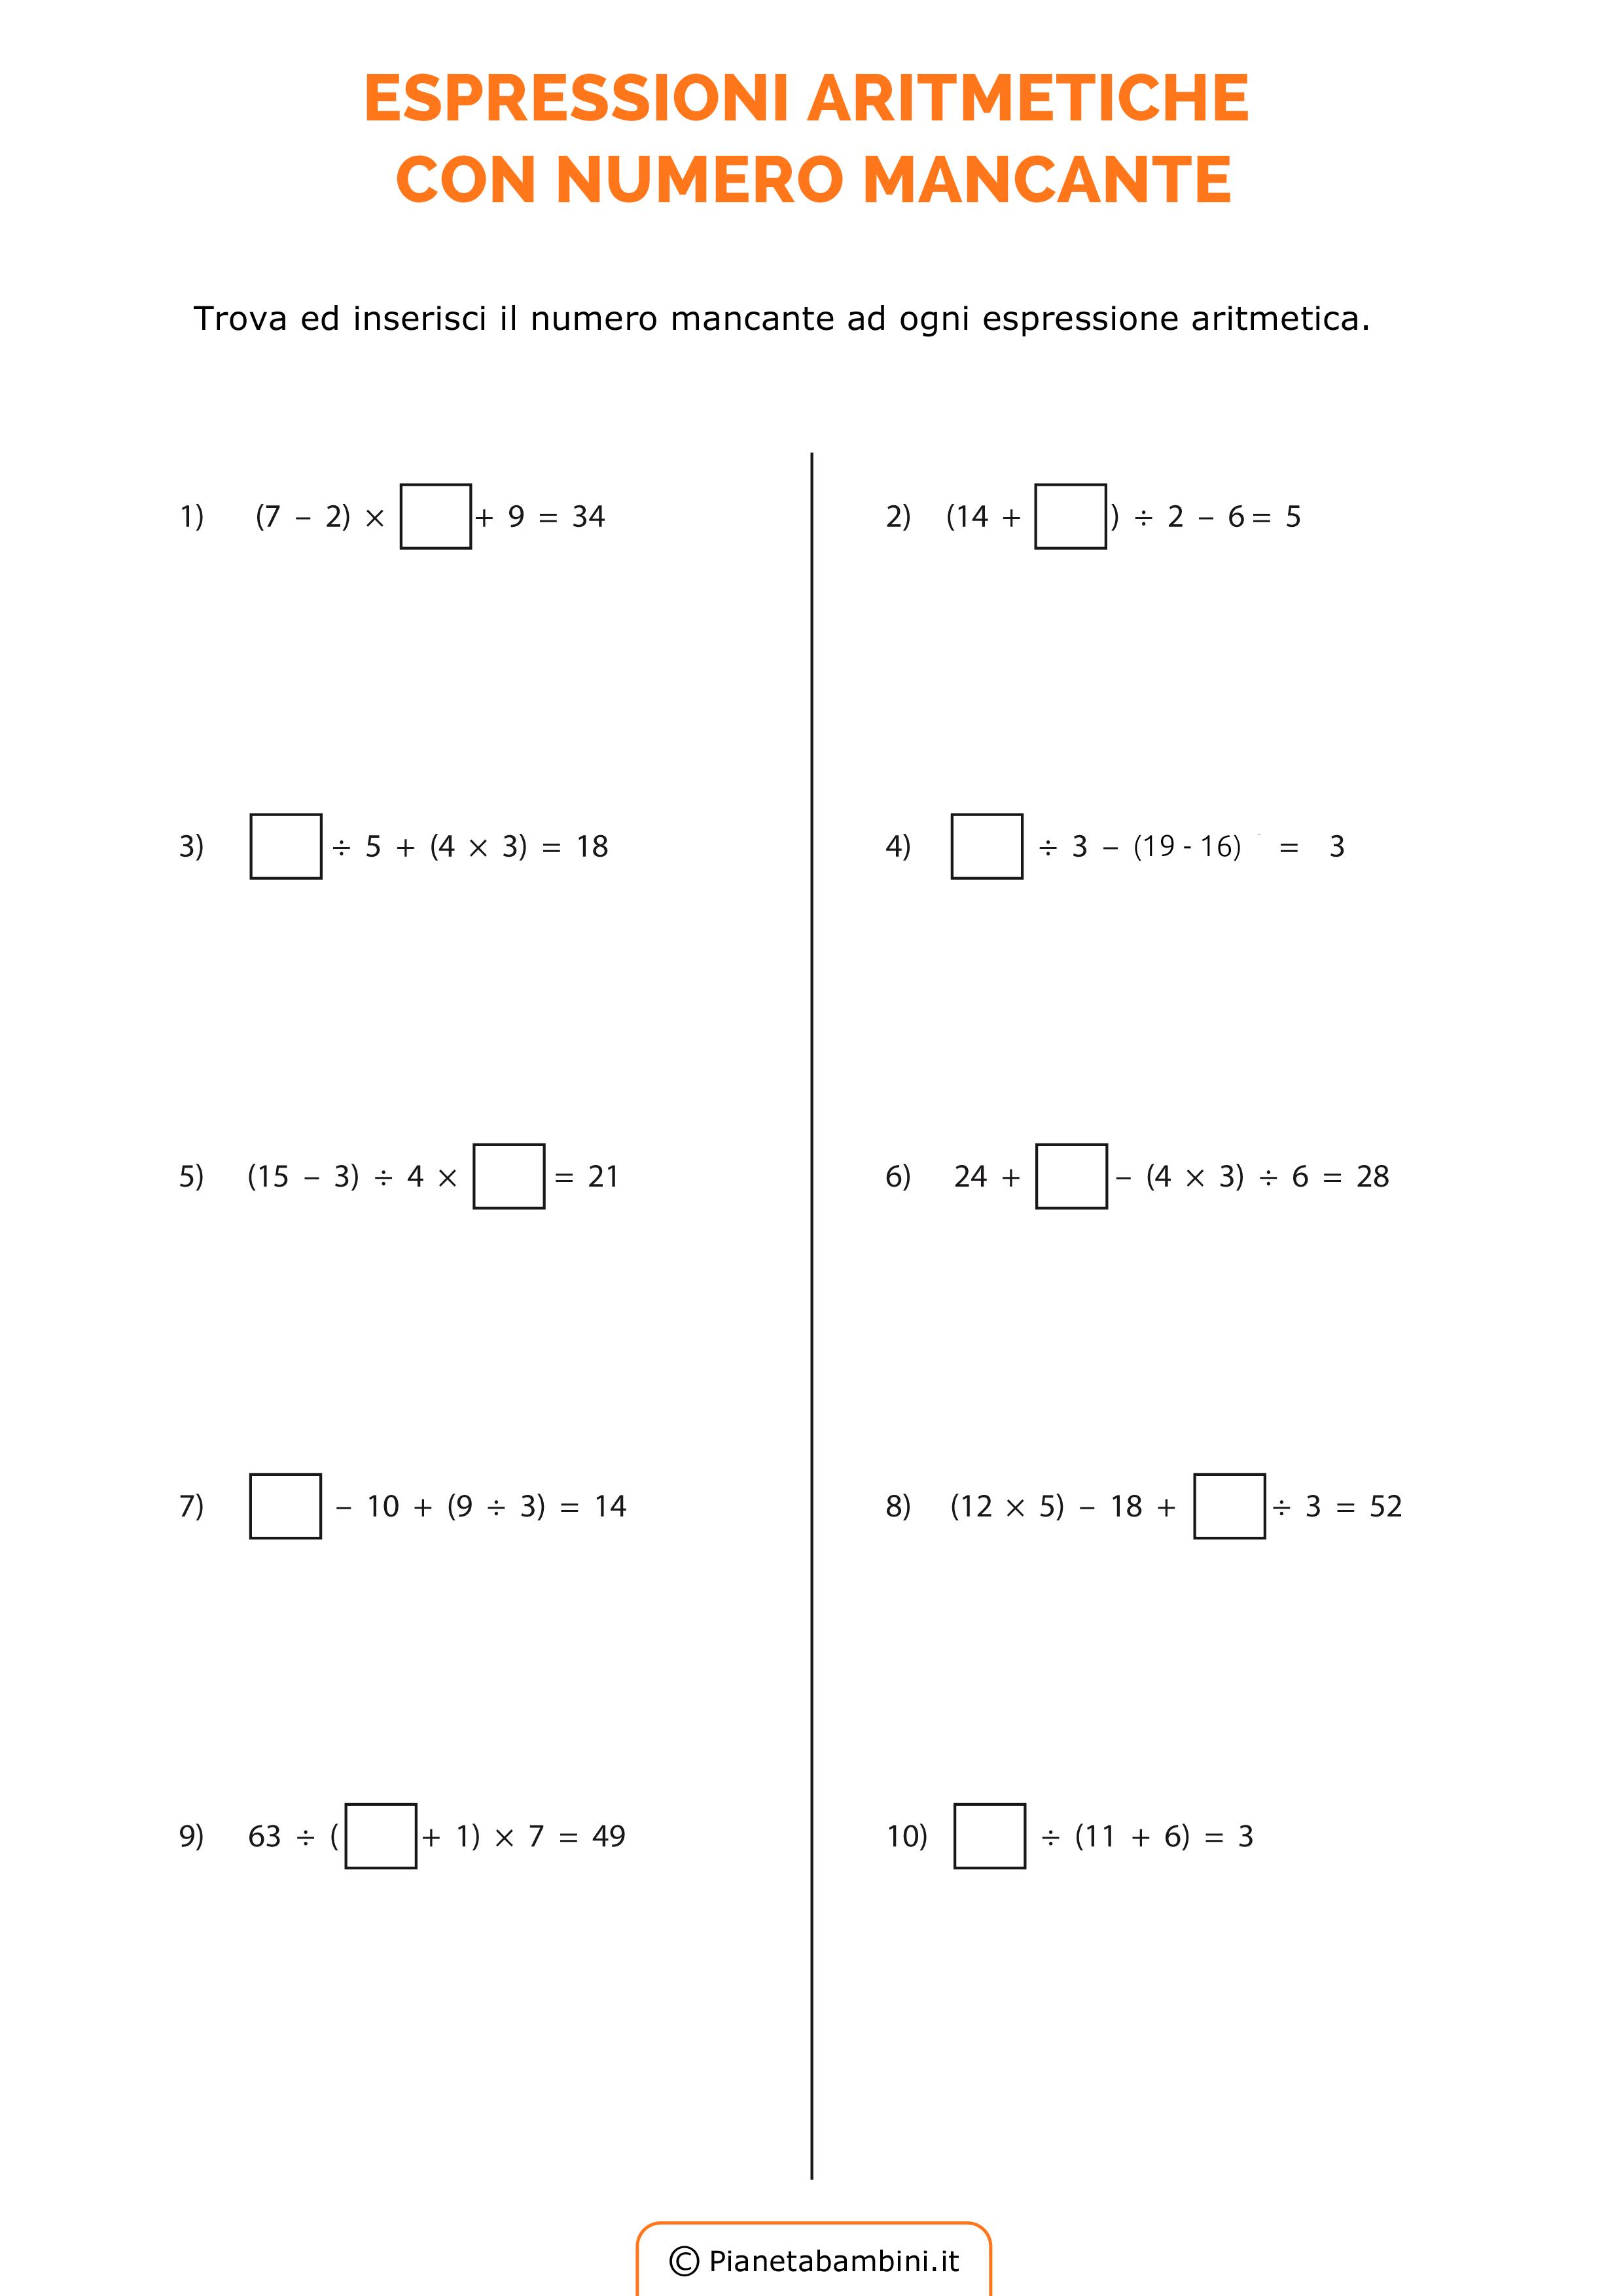 Esercizi-Espressioni-Numero-Mancante_4